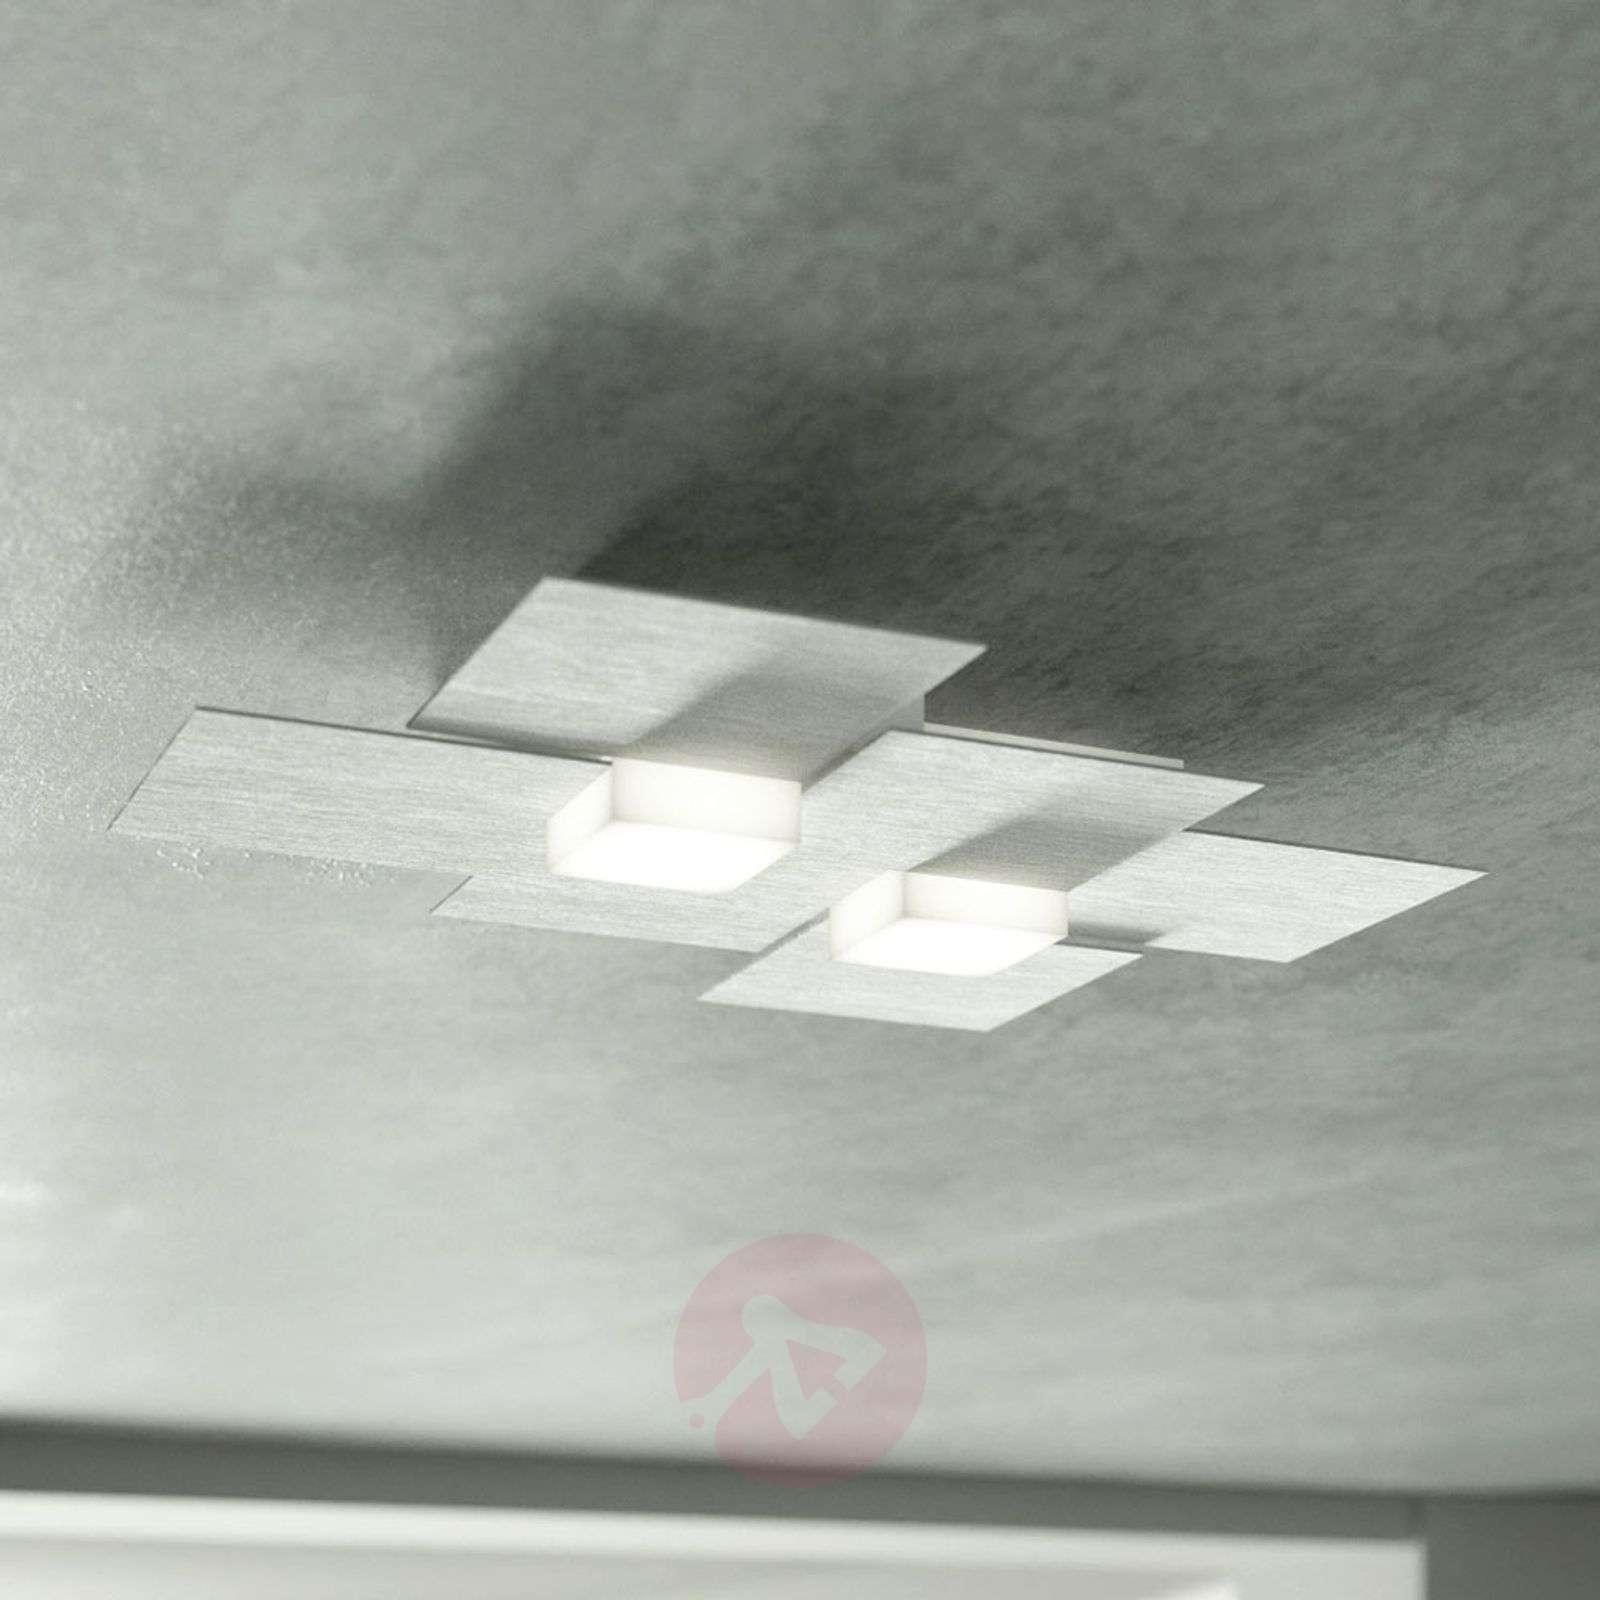 GROSSMANN Creo LED-kattovalaisin 2-lampp.-4022004X-01